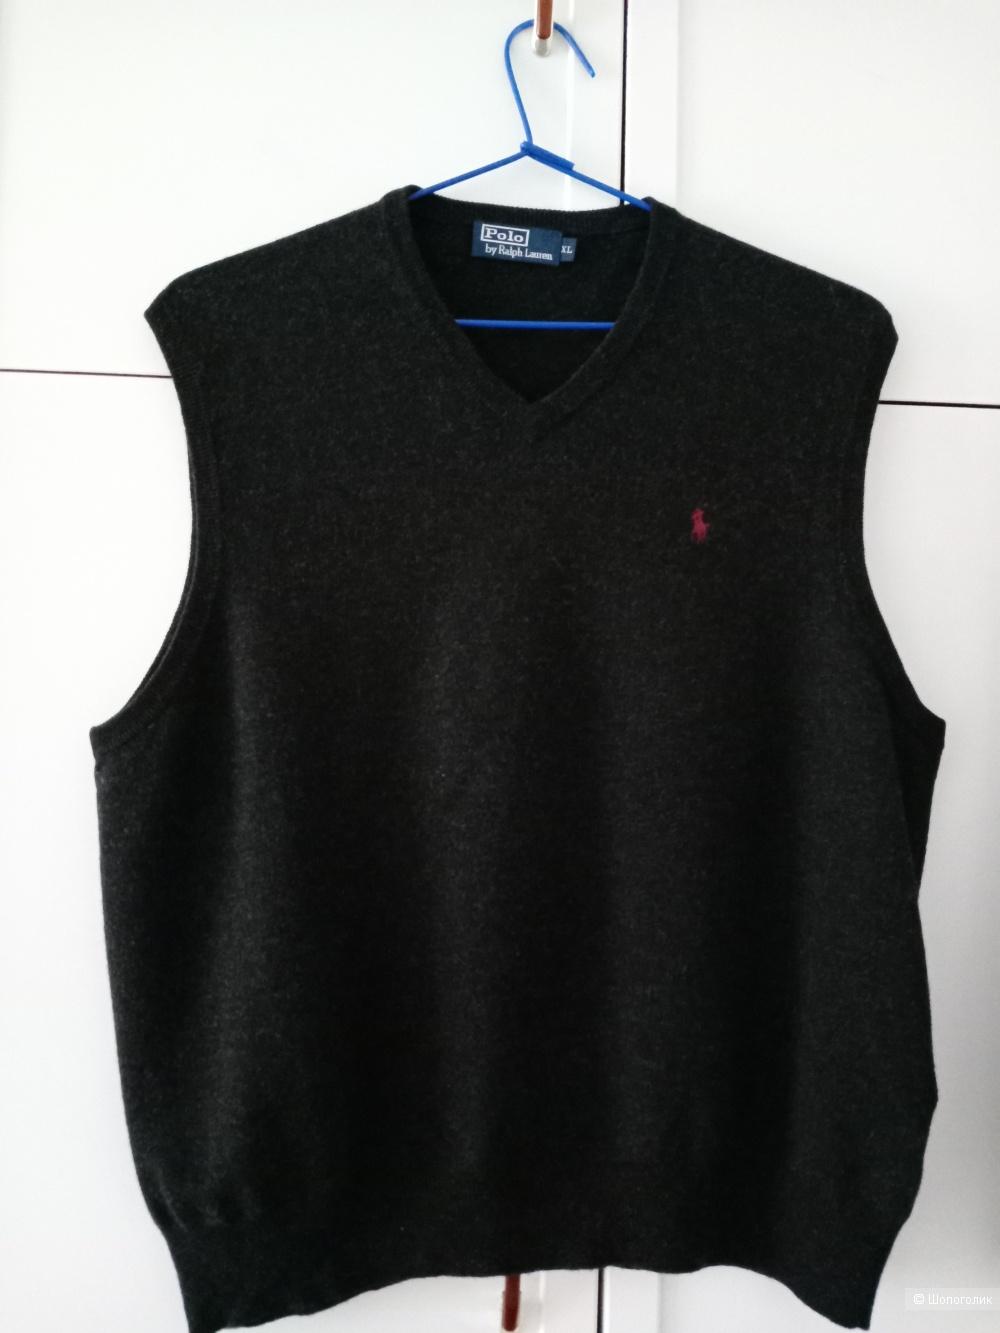 Жилет Polo Ralph Lauren, размер XL